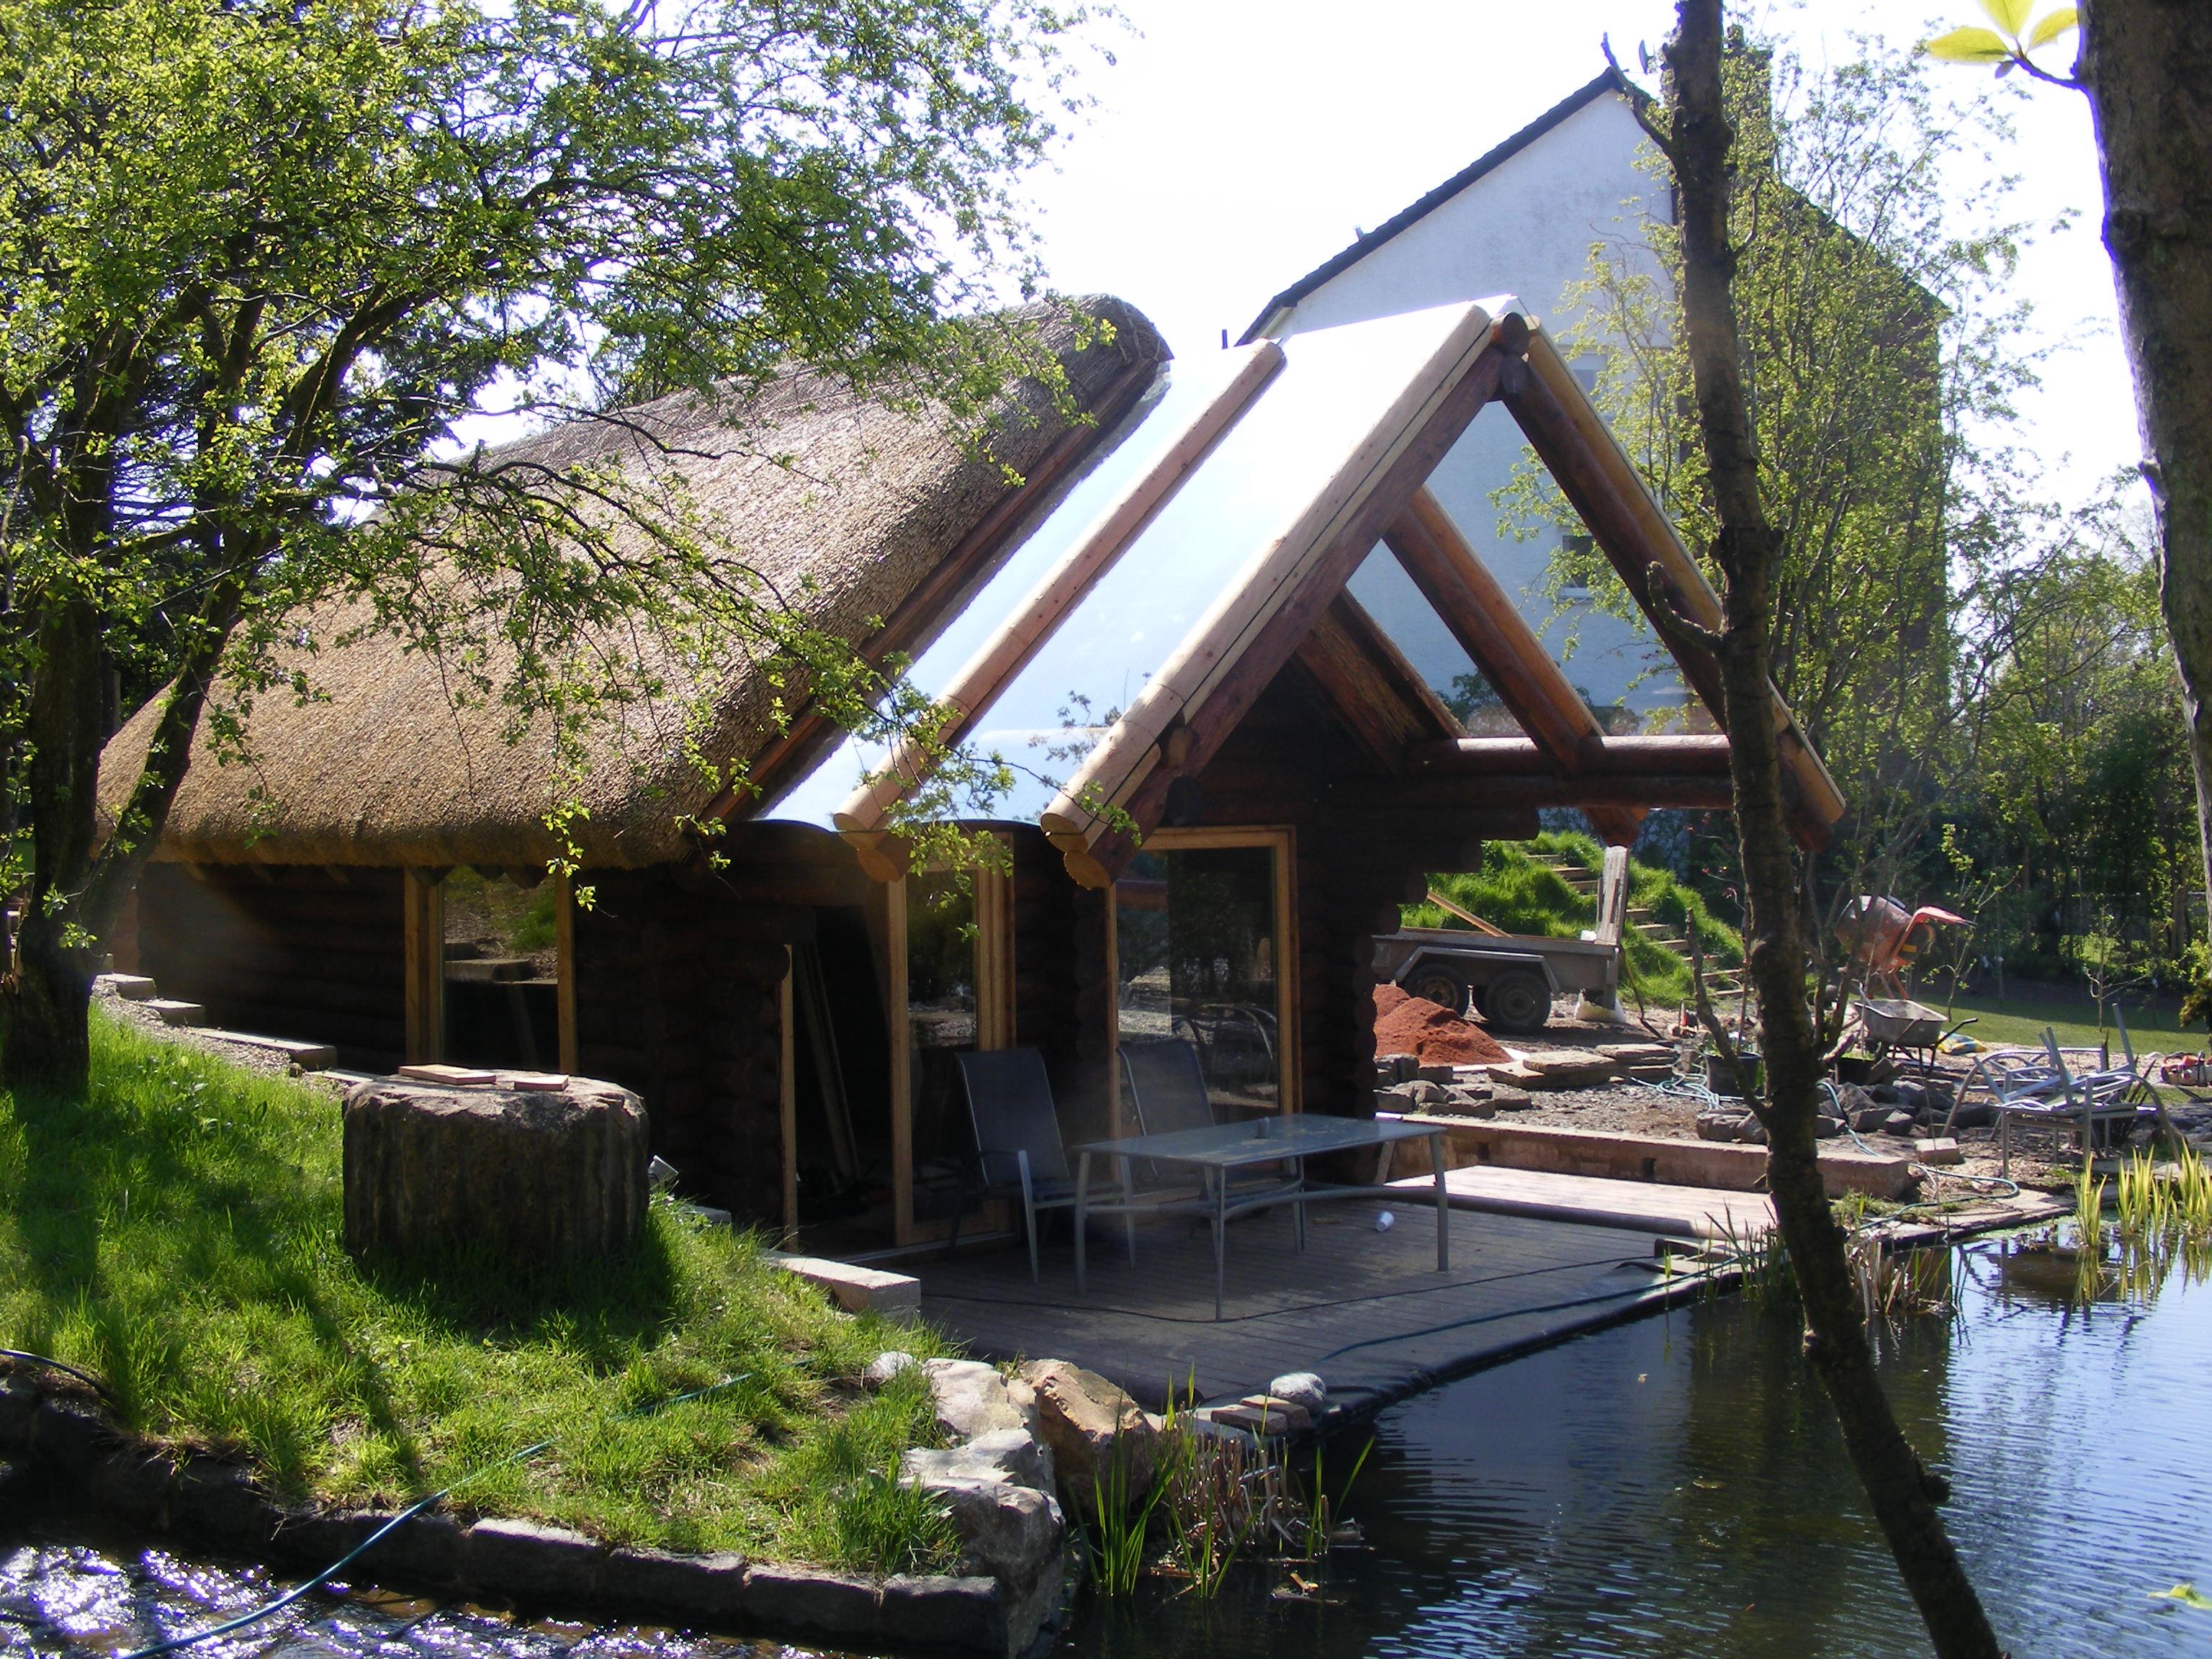 uk manufacturer manufacturers mega log blog lv glamping cabin archives camping cabins pods large